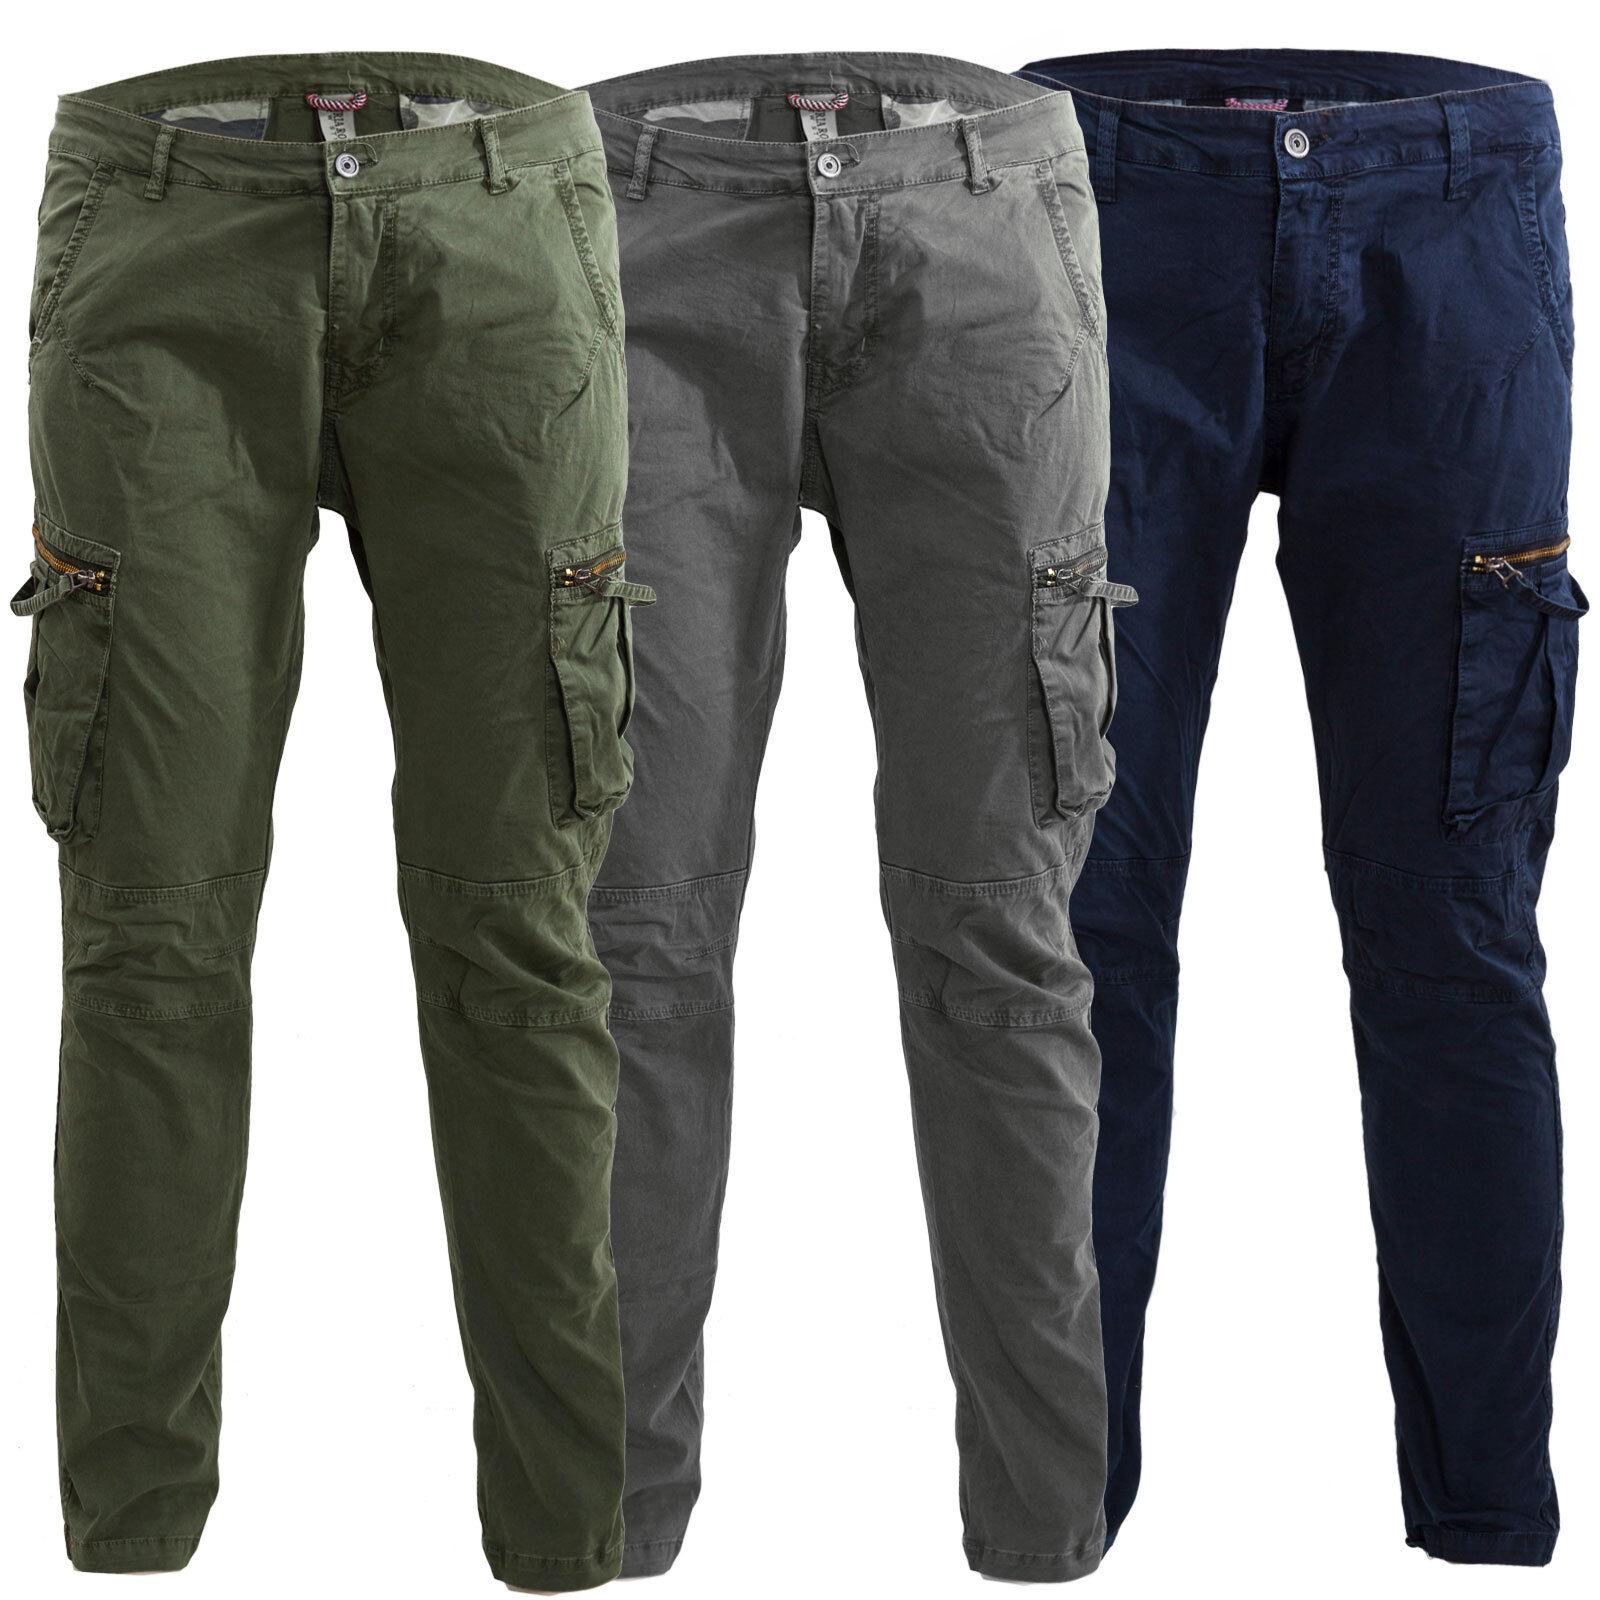 717c0be4c Détails sur Pantalons homme cargo militaire légers poches latéraux casual  coton M-09